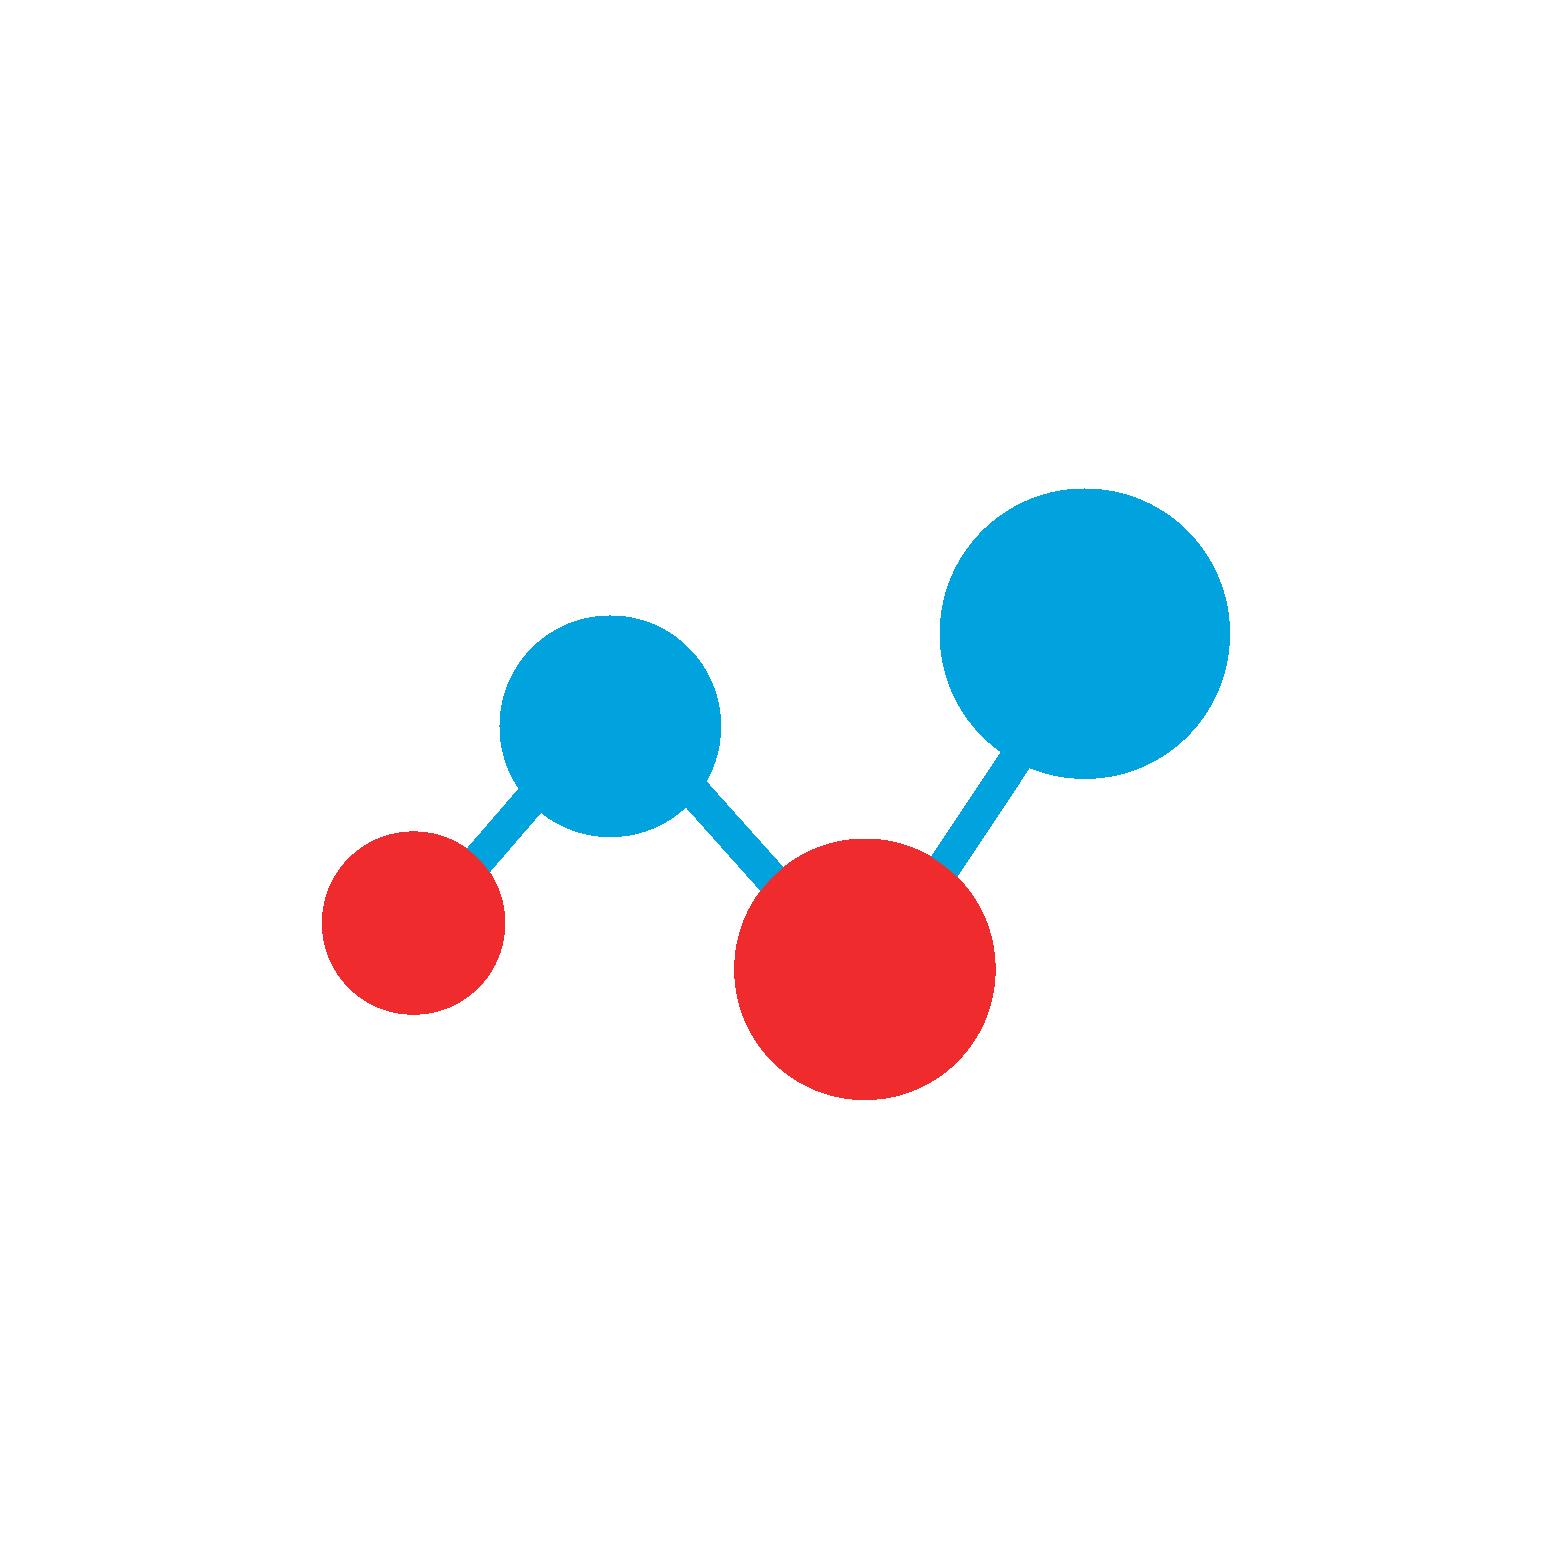 web/src/main/webapp/resources/images/minerva-logo.png